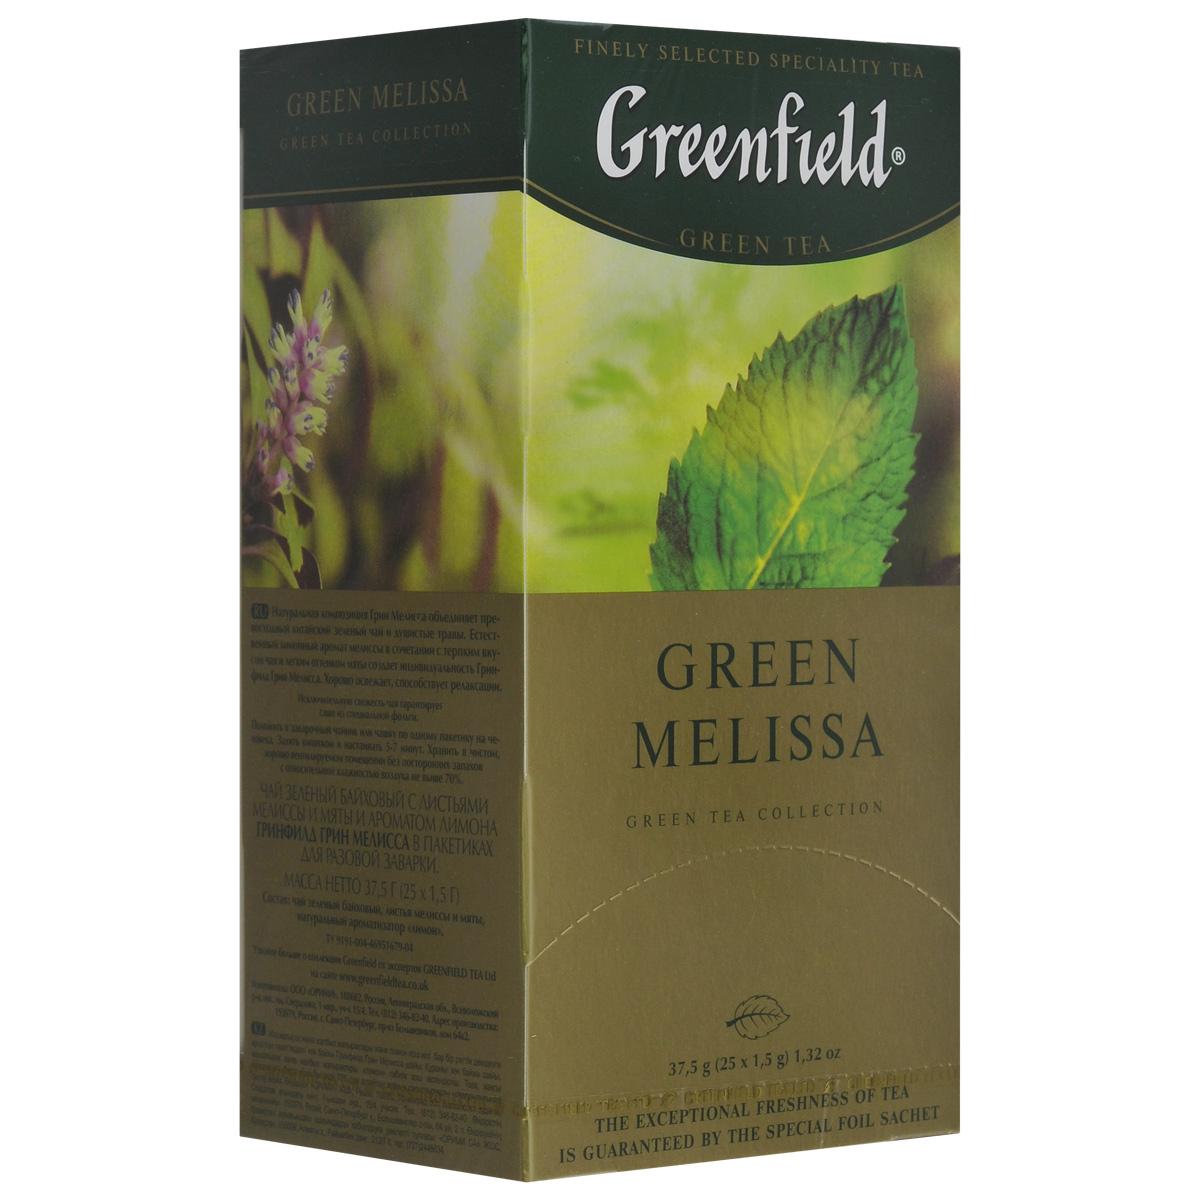 Greenfield Green Melissa зеленый чай в пакетиках, 25 шт lipton lemon melissa green tea зеленый чай в пирамидках с листочками лимонной мяты 20 шт